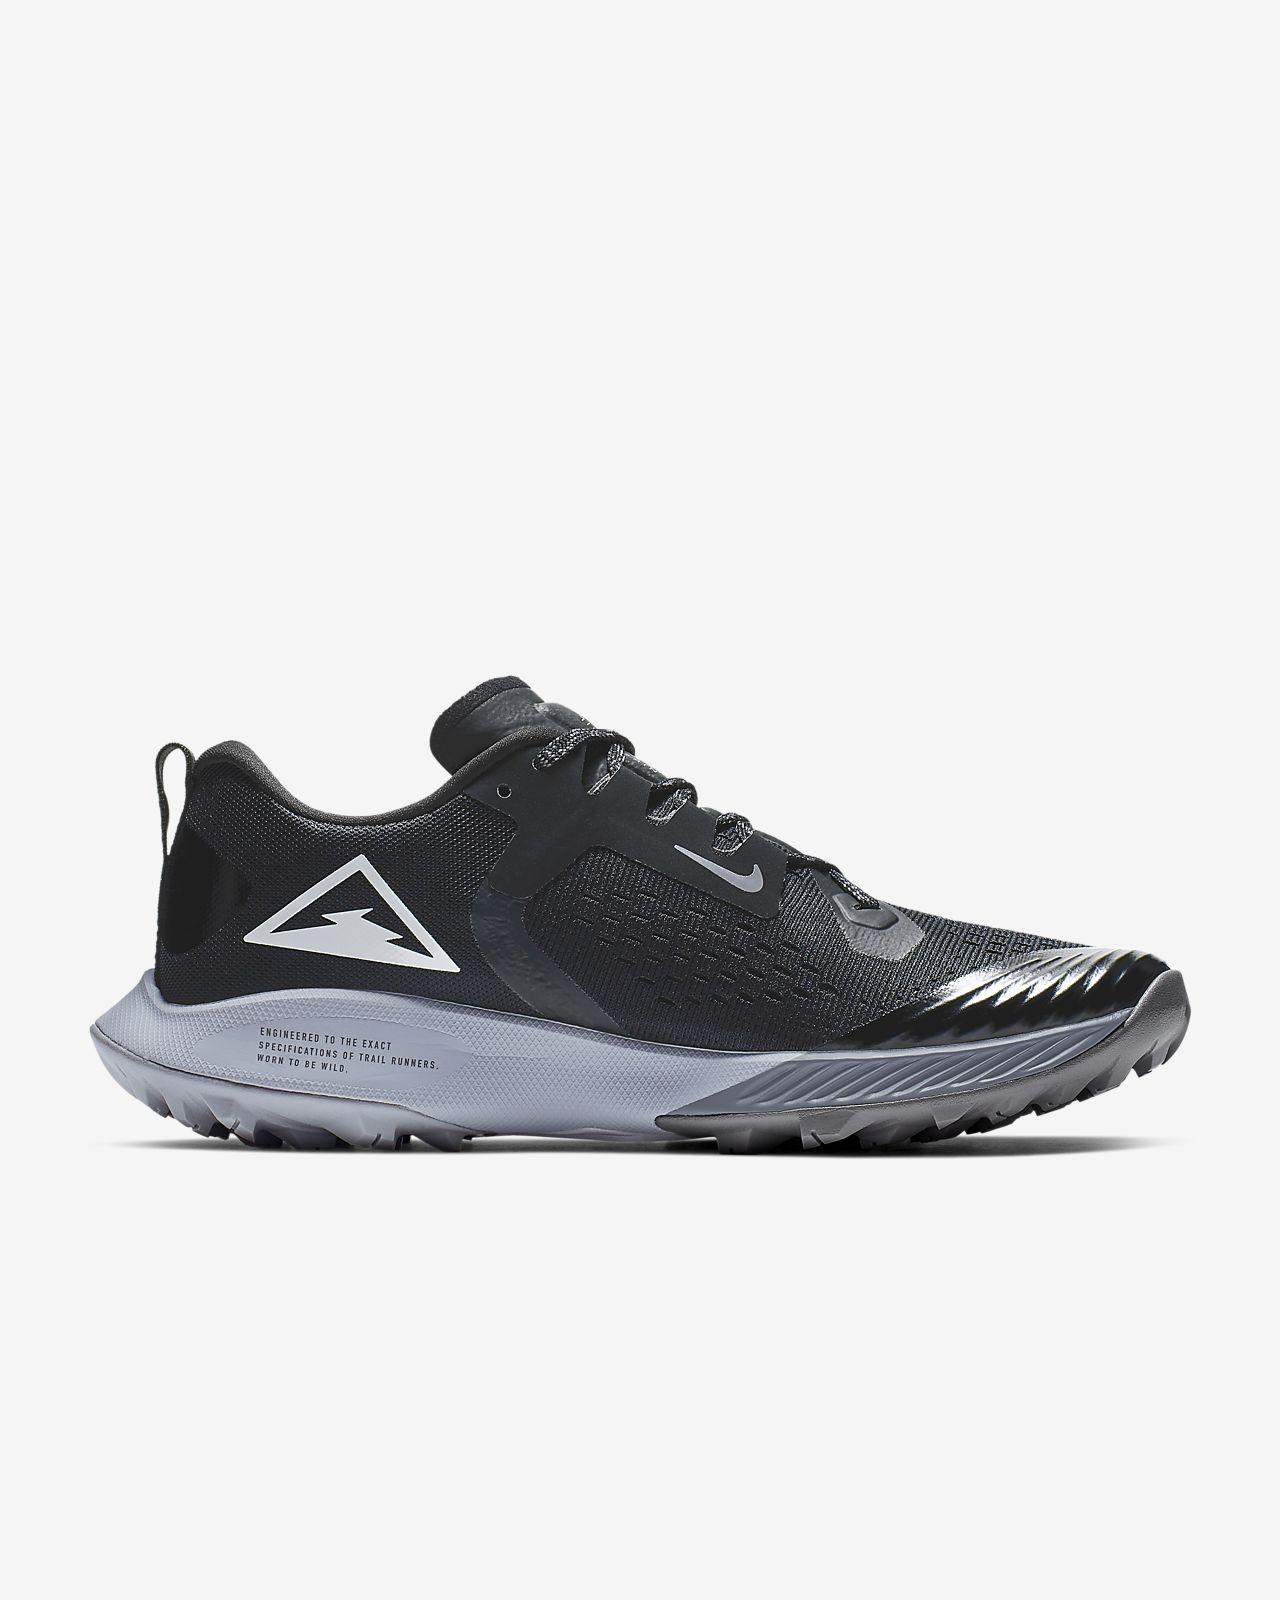 Tenis Hombre Nike Air Zoom Terra Kiger 3 Trail R Talla 42